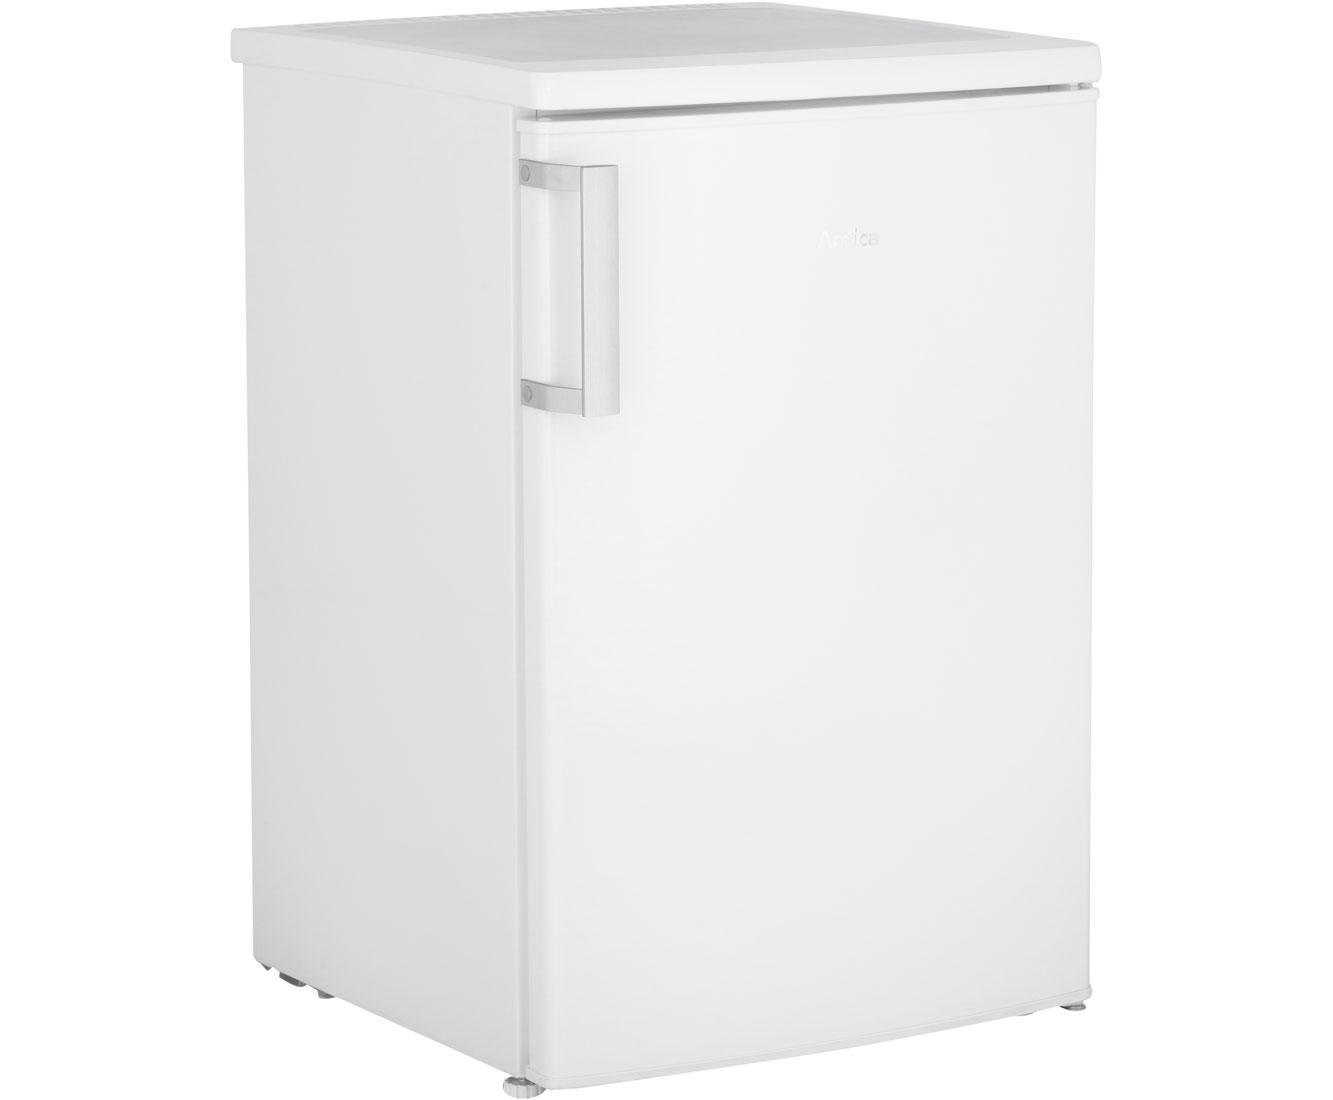 Amica Kühlschrank Idealo : Amica ks w kühlschrank mit gefrierfach weiß a